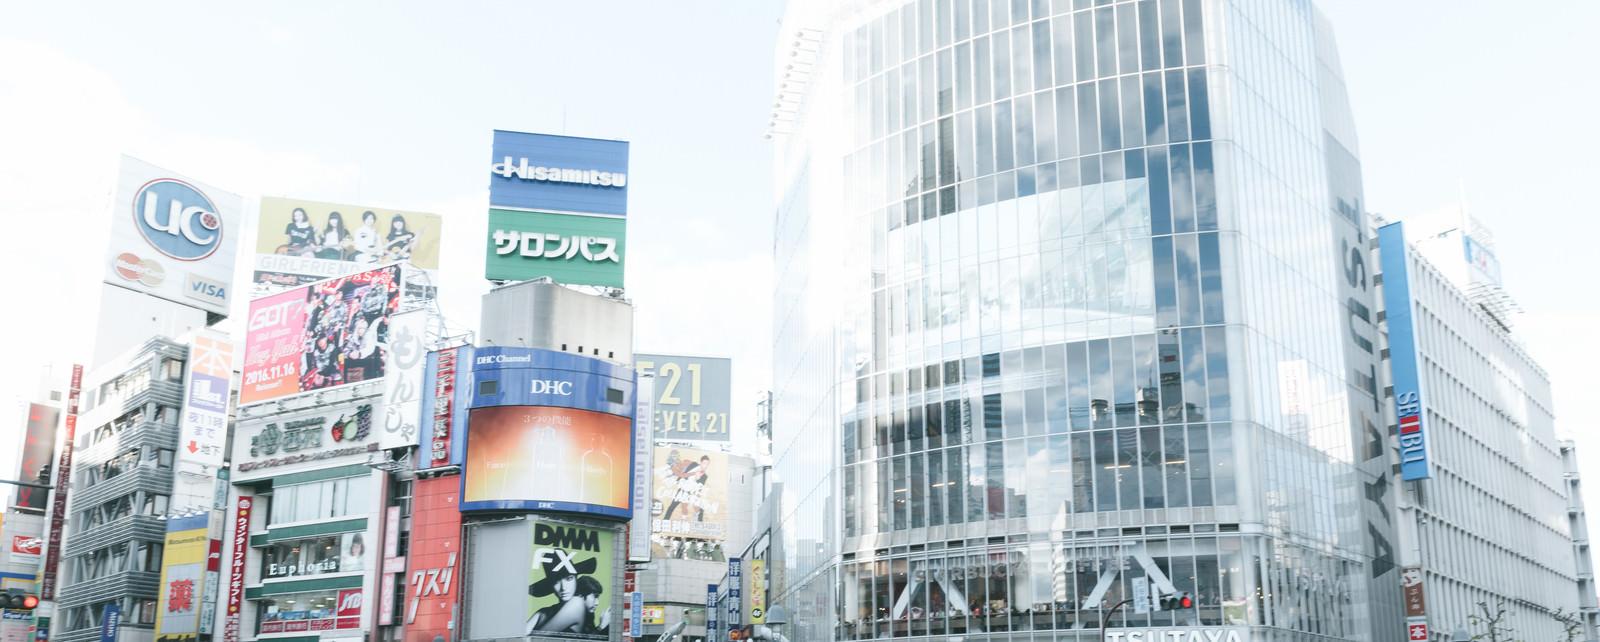 「渋谷駅前の様子」の写真